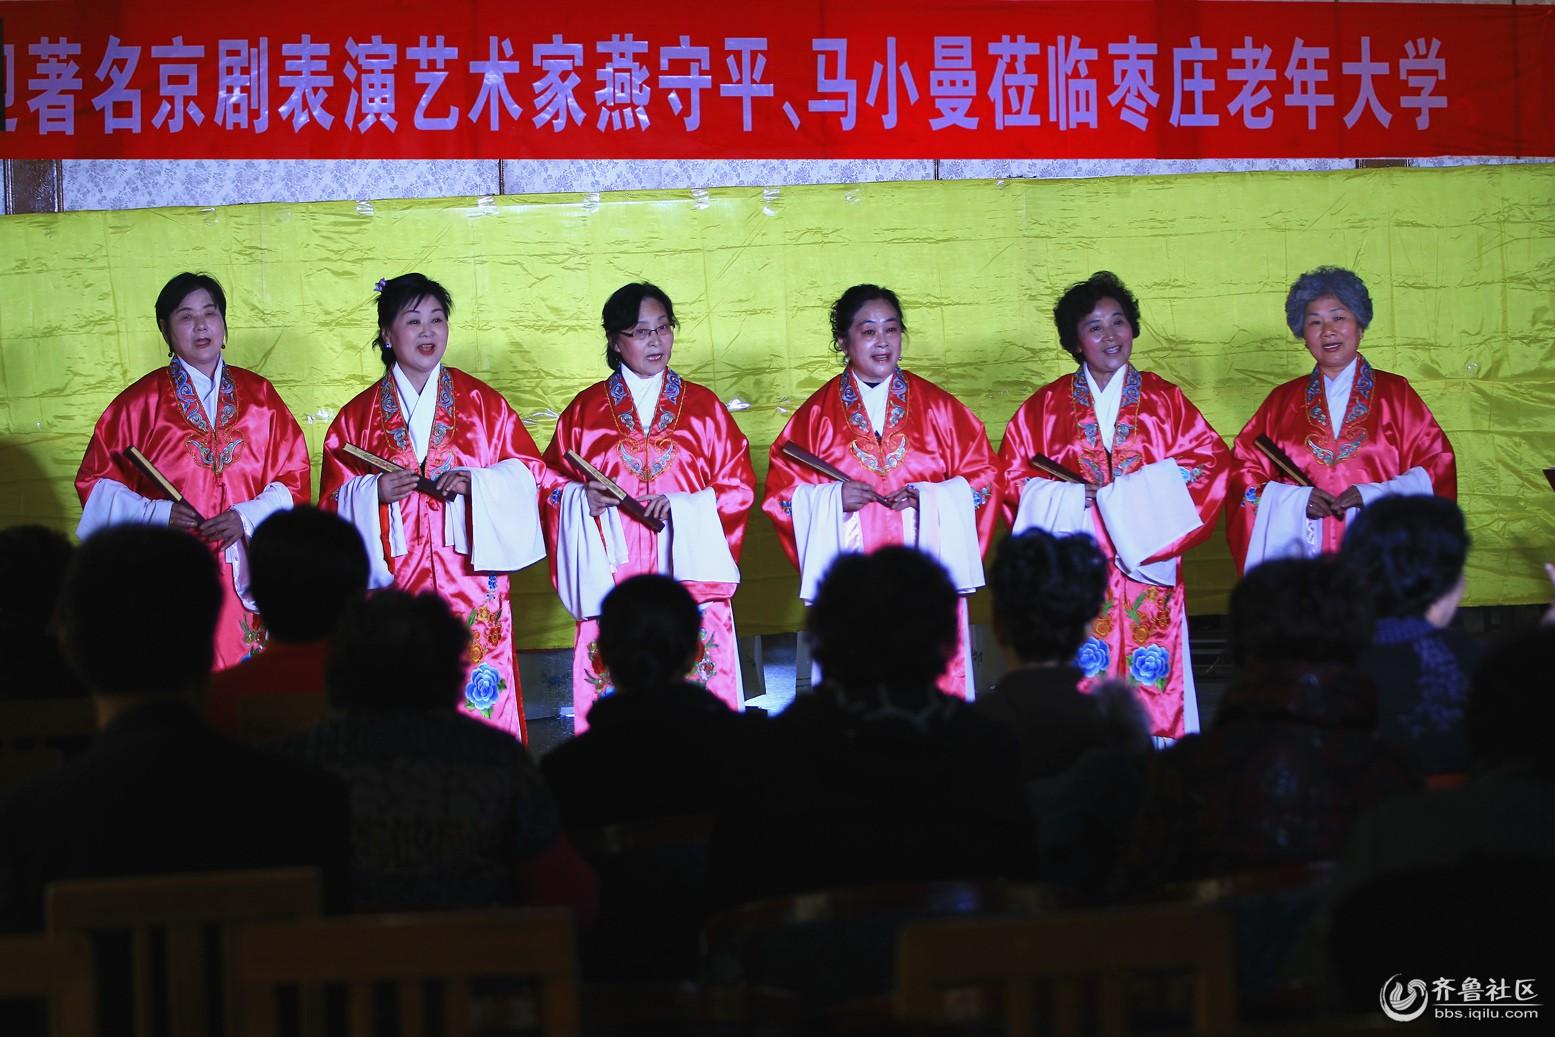 欢迎京剧表演艺术家燕守平.马小曼联欢会